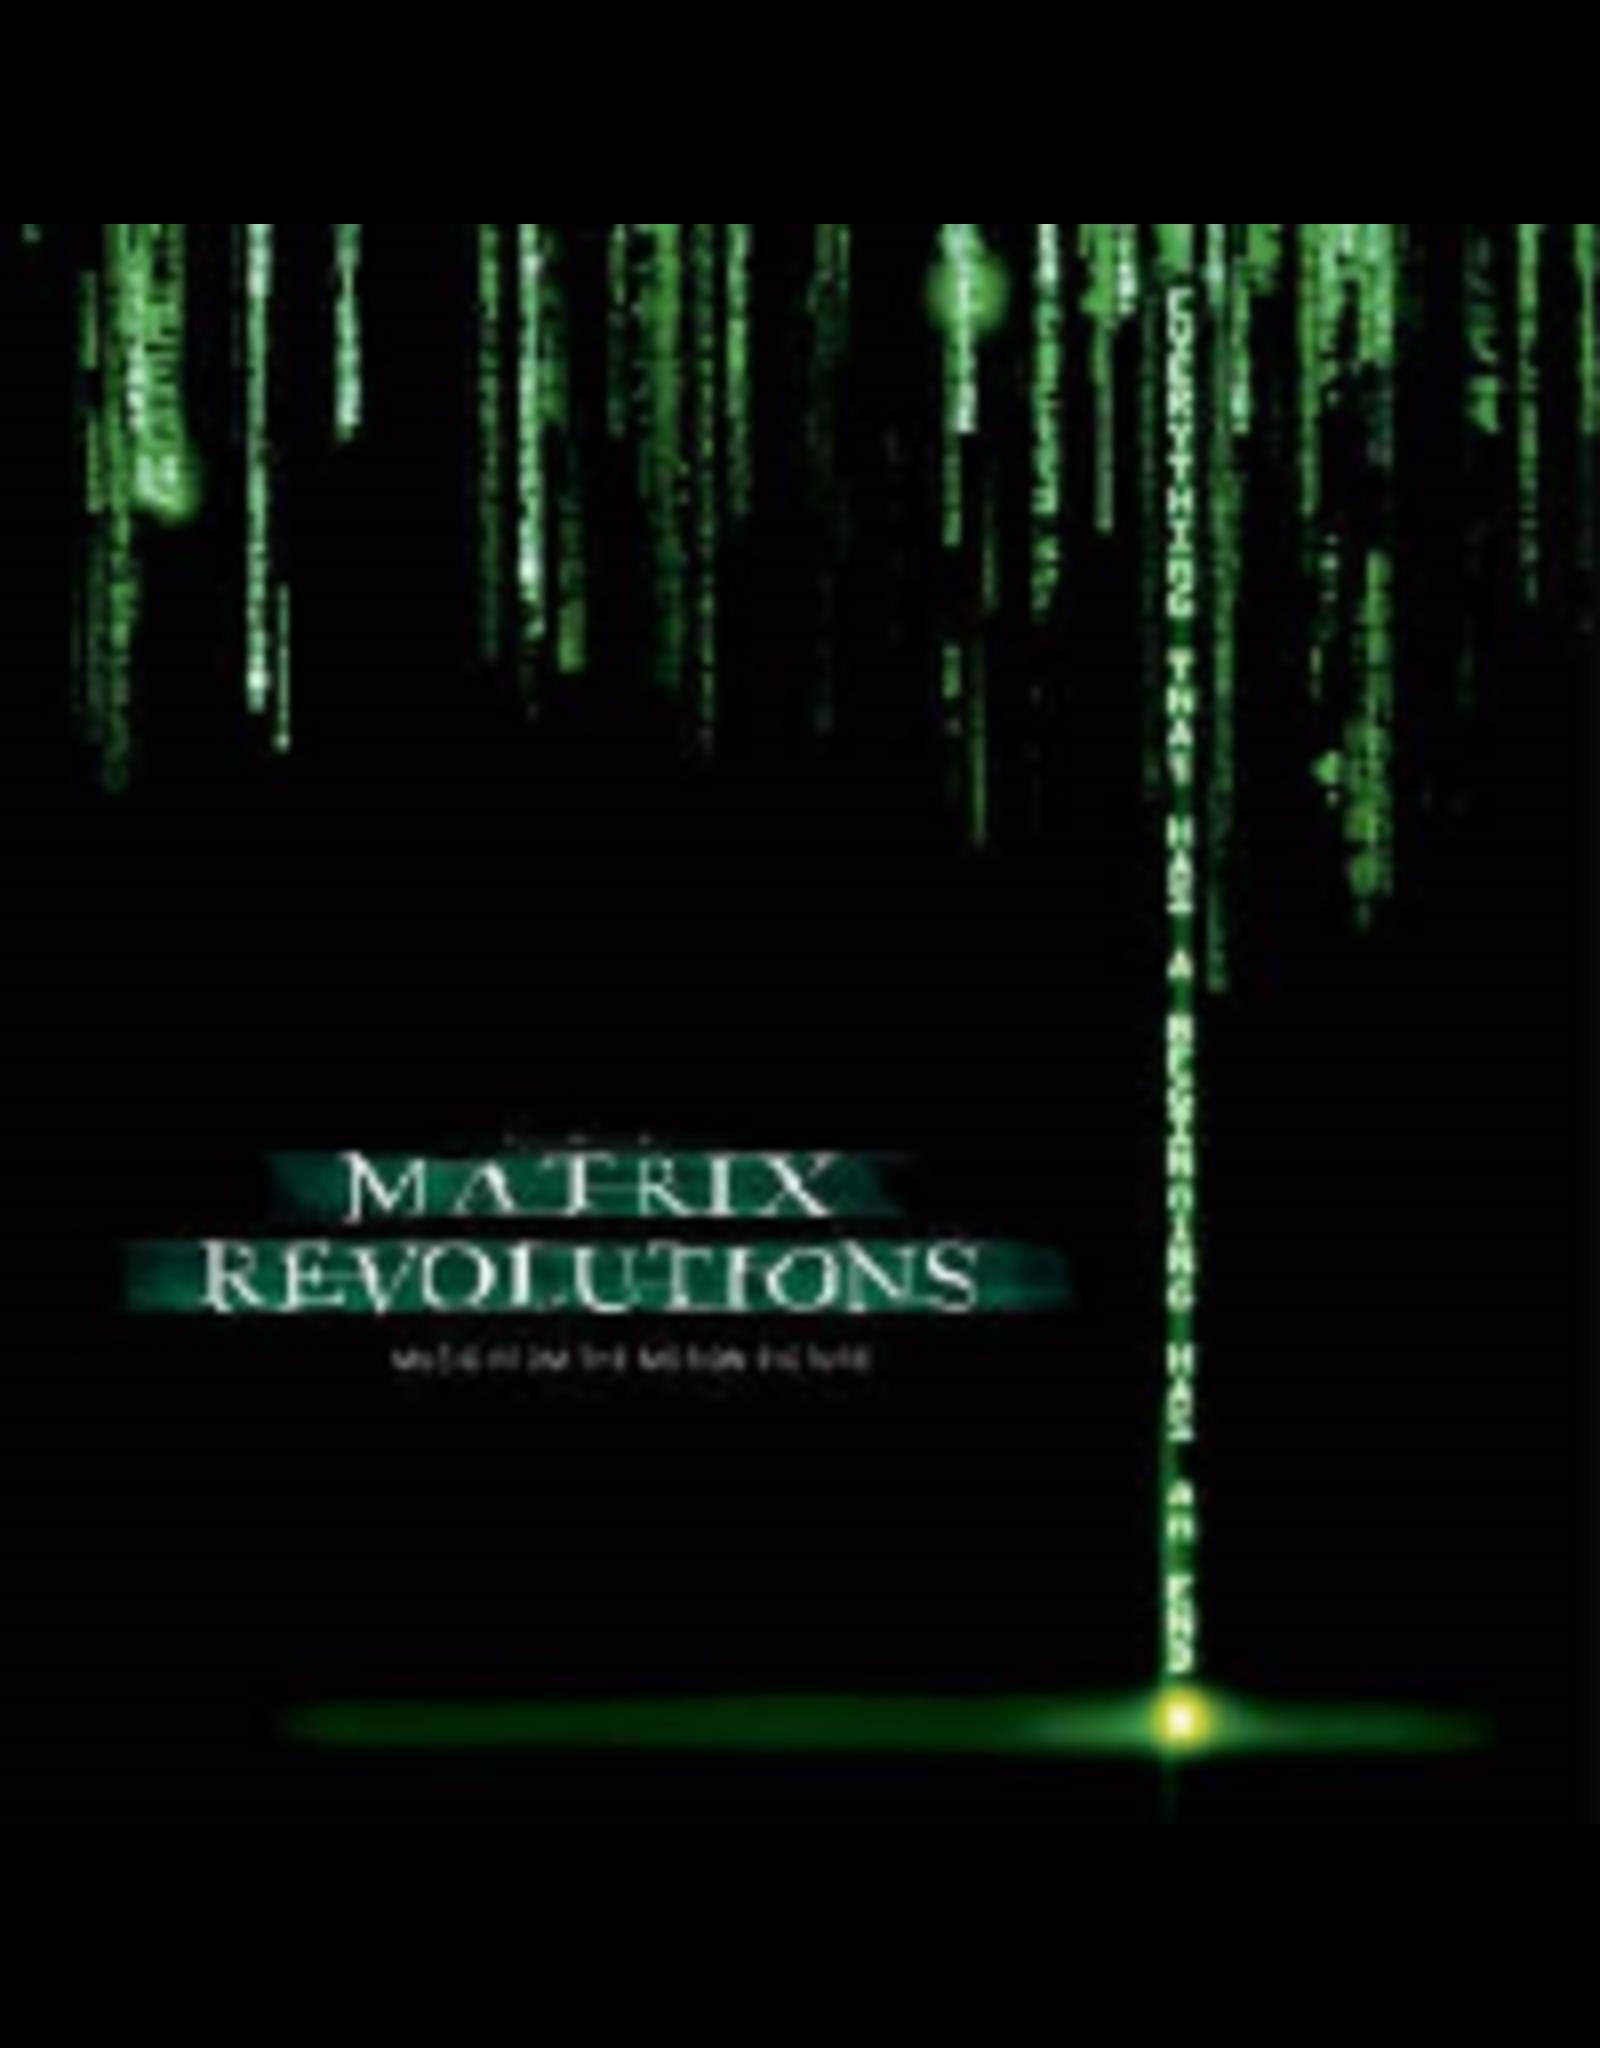 OST - Matrix Revolutions 2LP